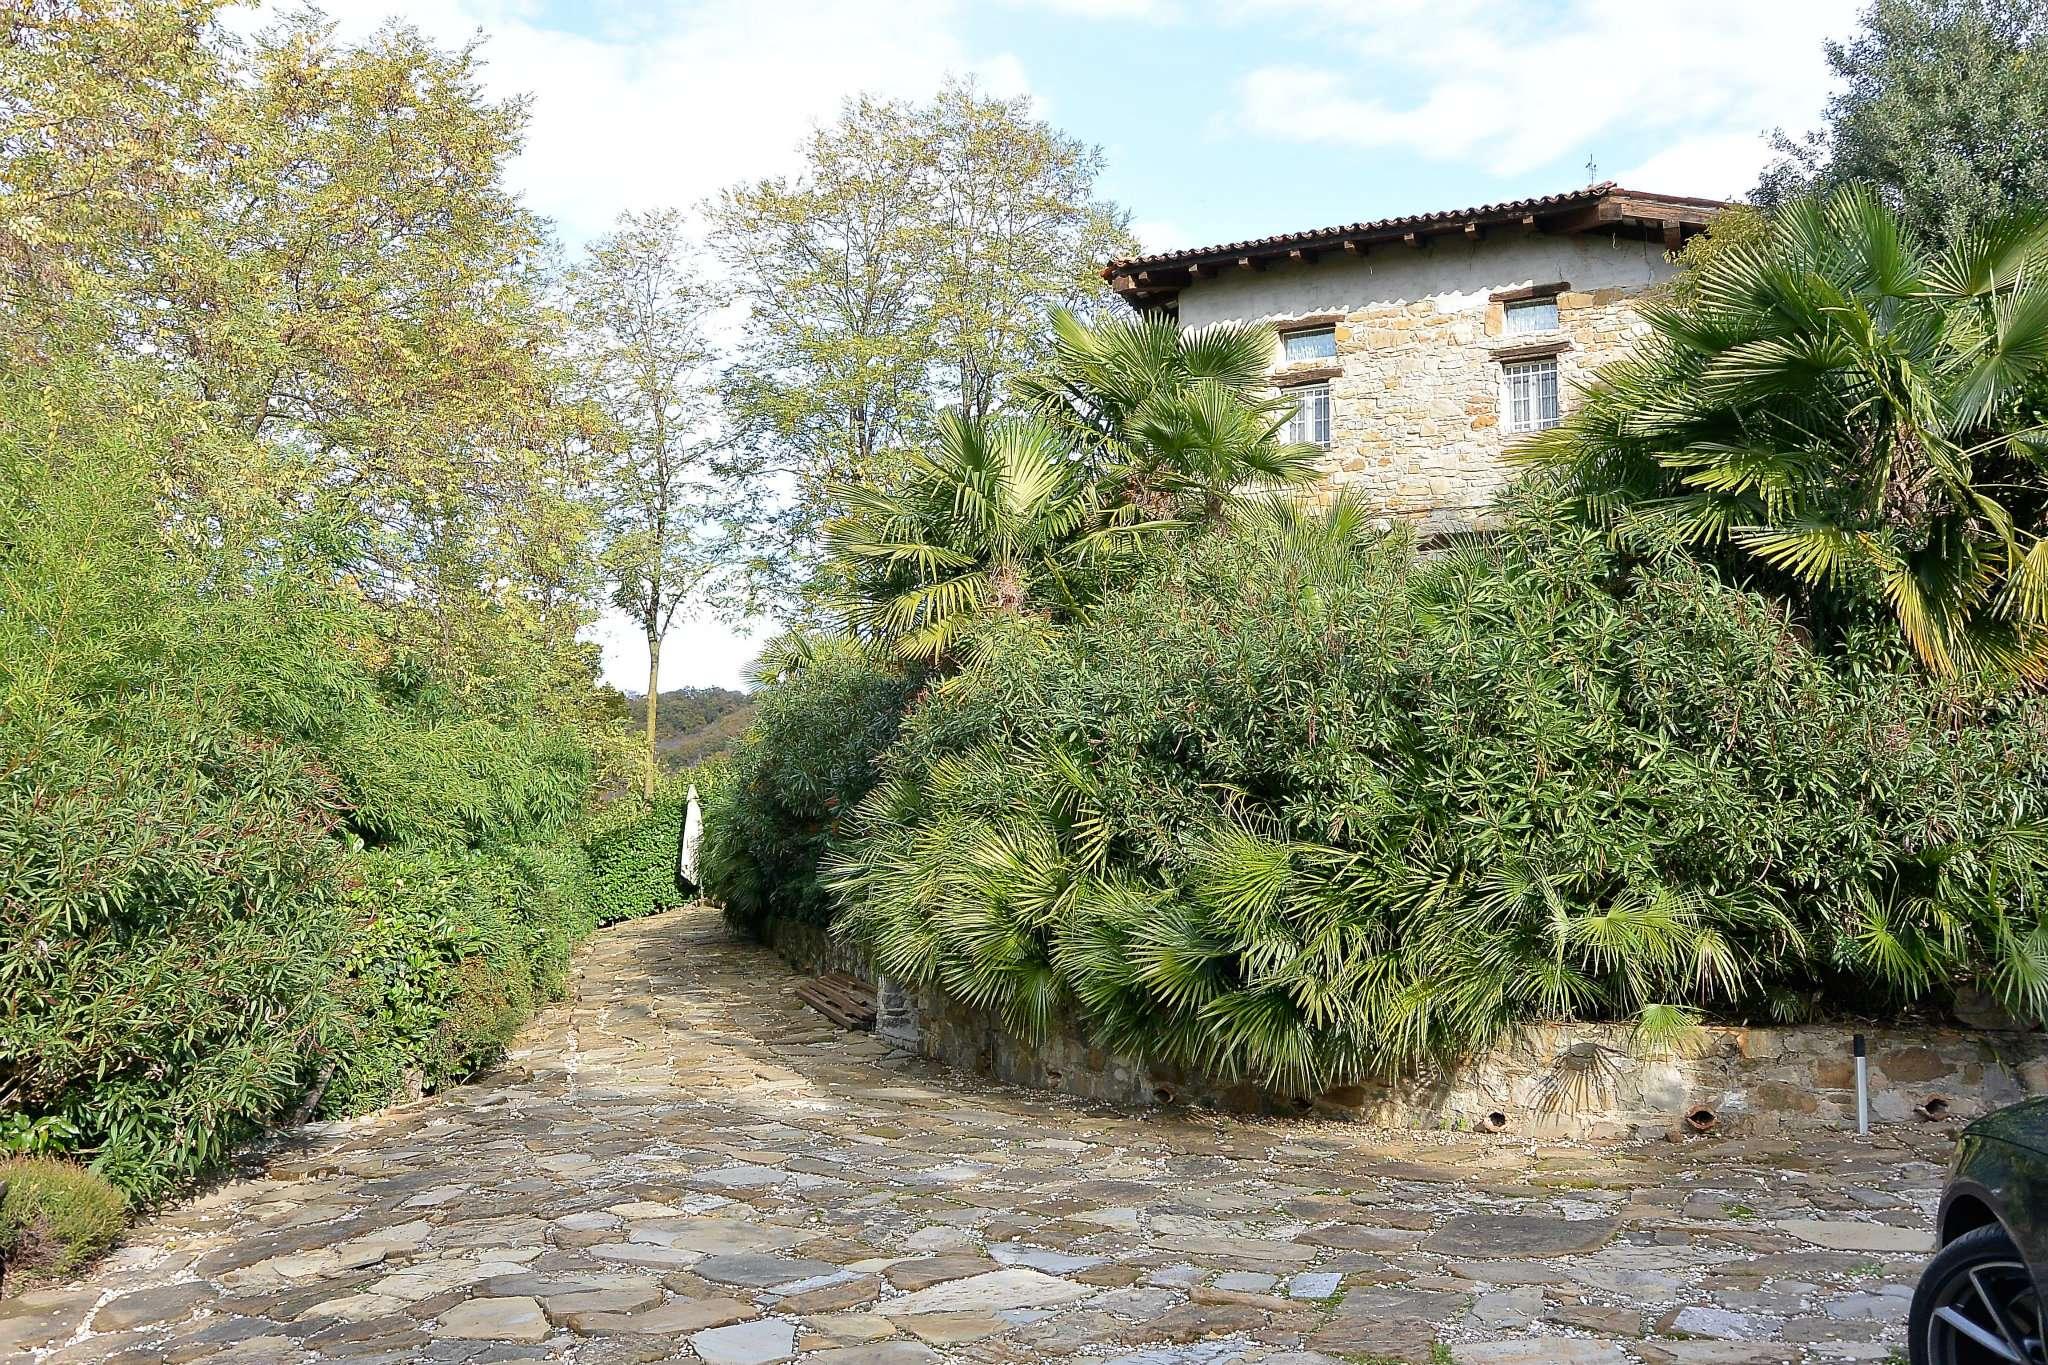 Rustico / Casale in vendita a Dolegna del Collio, 5 locali, prezzo € 450.000 | Cambio Casa.it